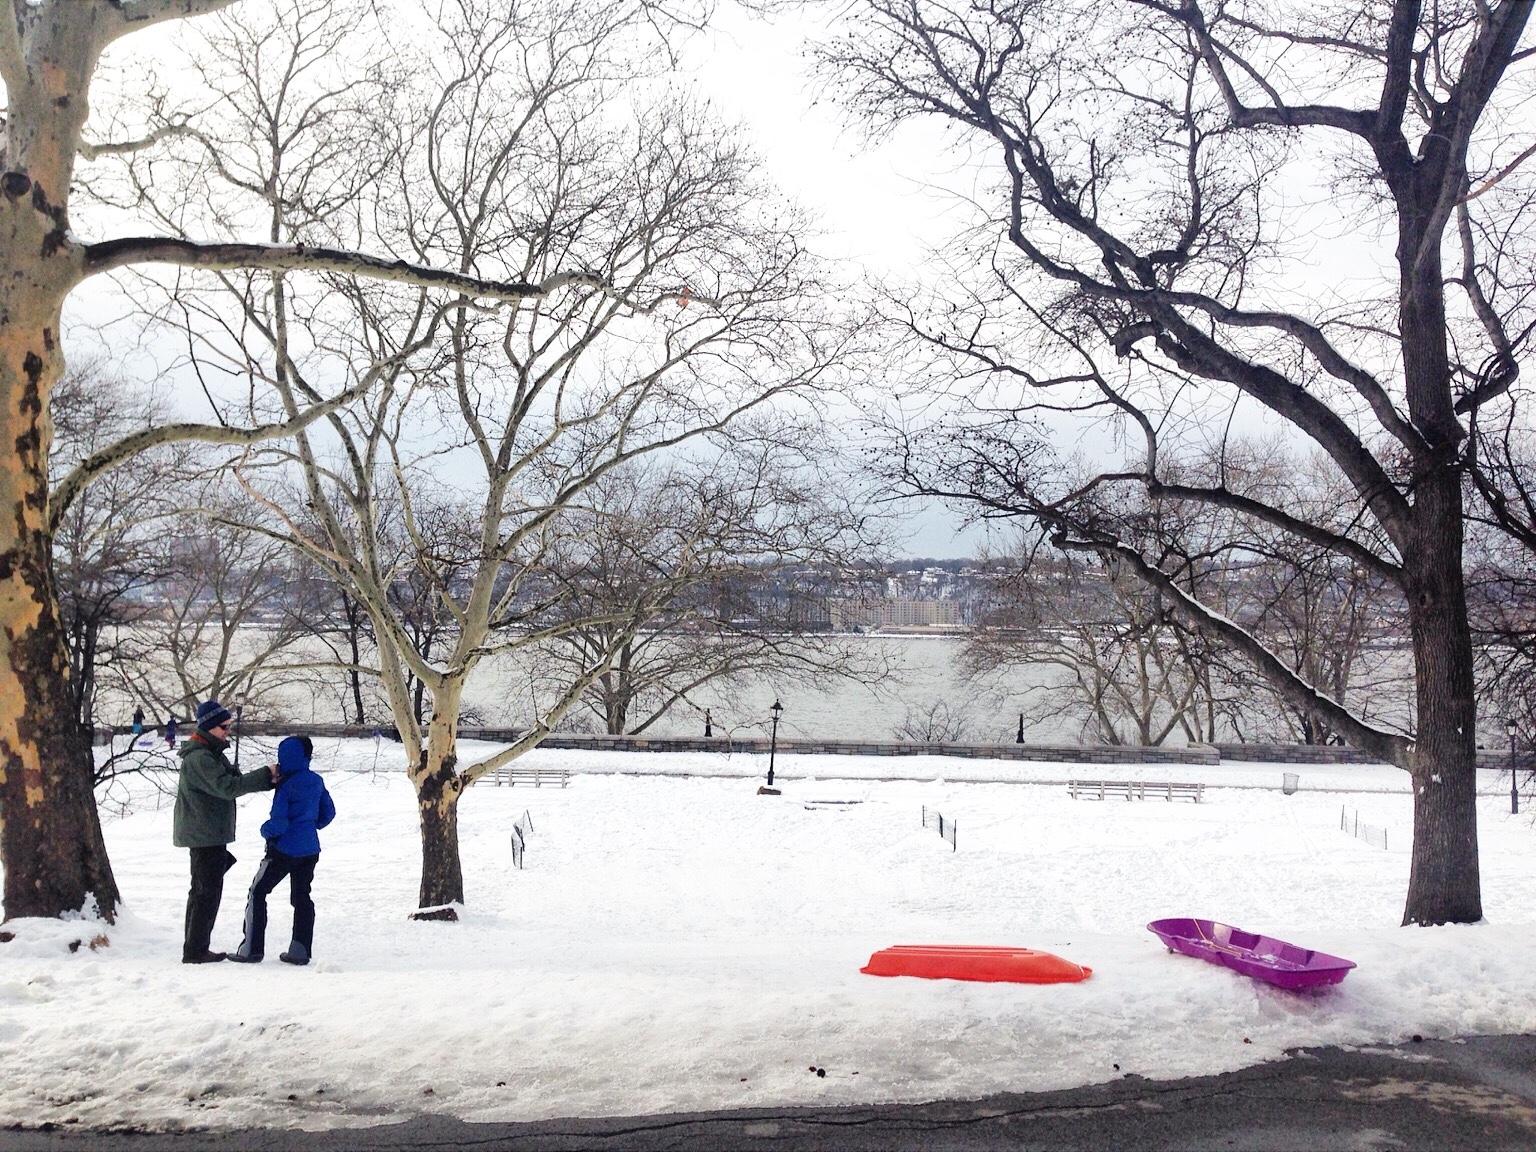 Riverside Park, New York